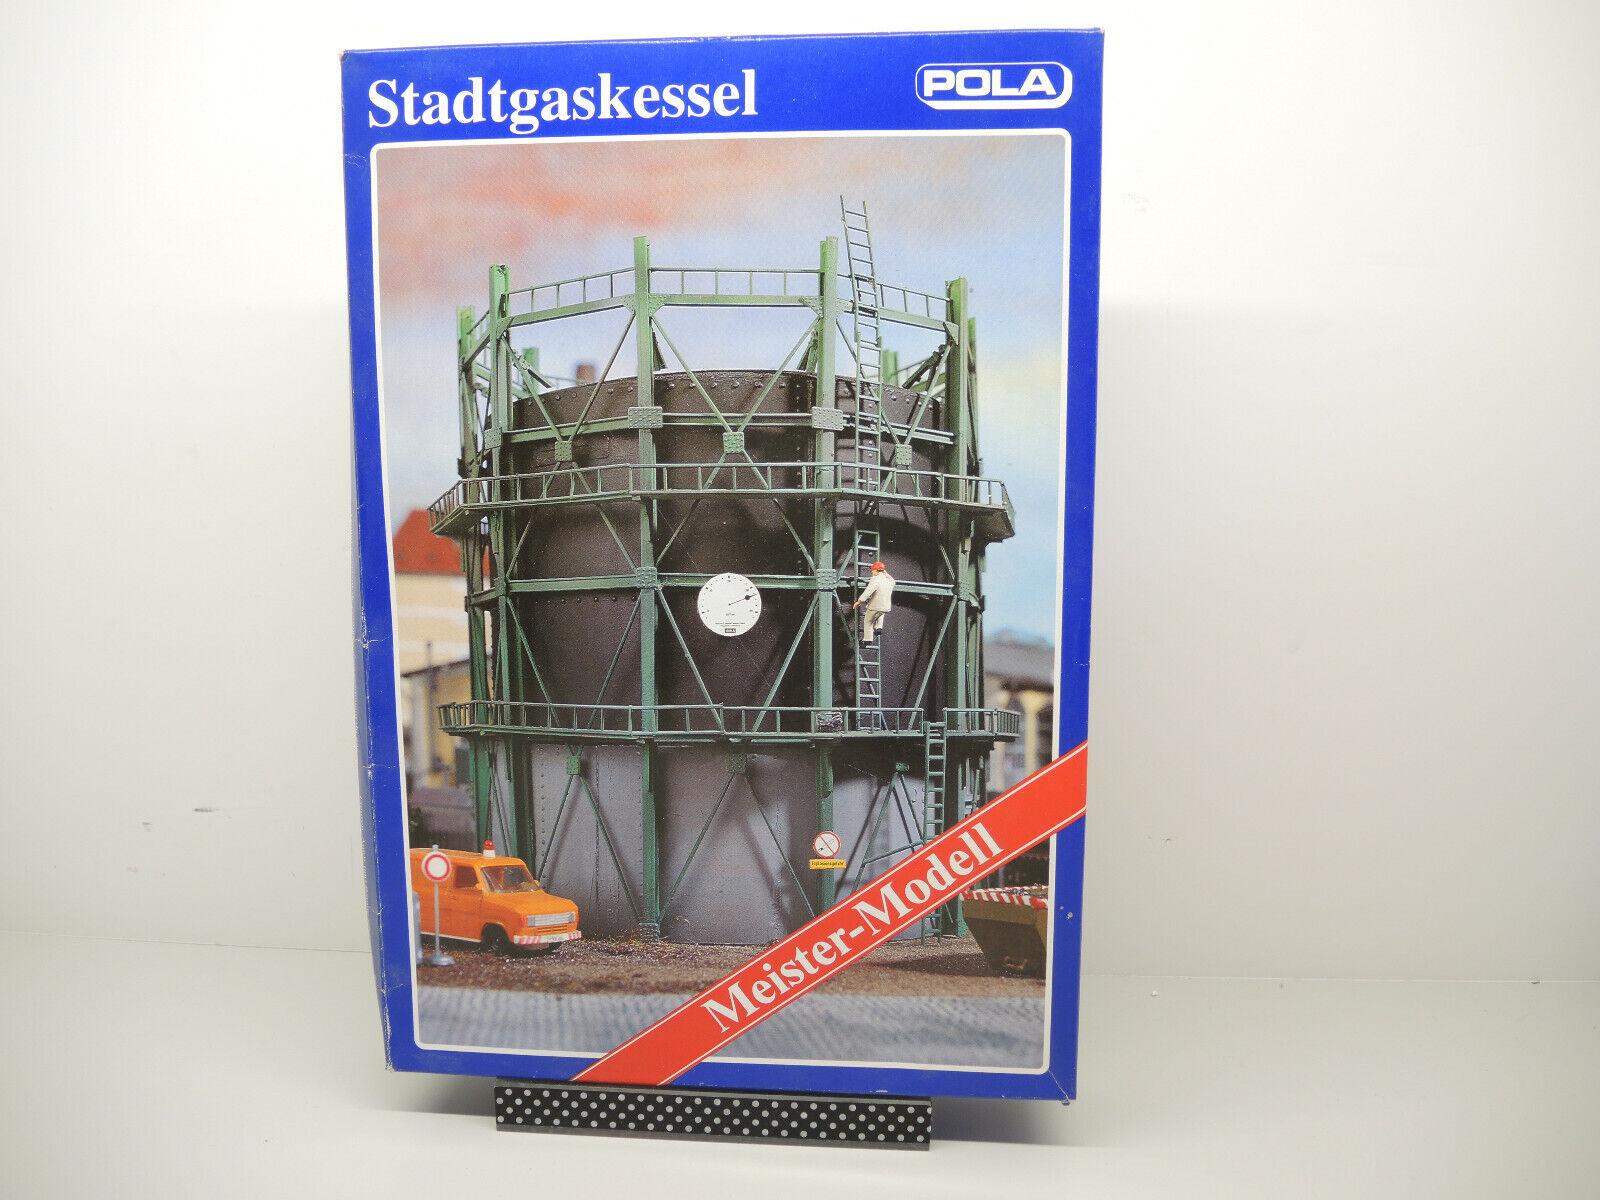 Pola 854  Meister Modell, HO, Stadtgaskessel, unbebaut unbebaut unbebaut  OVP mit Lagerspuren  | Billiger als der Preis  578e12